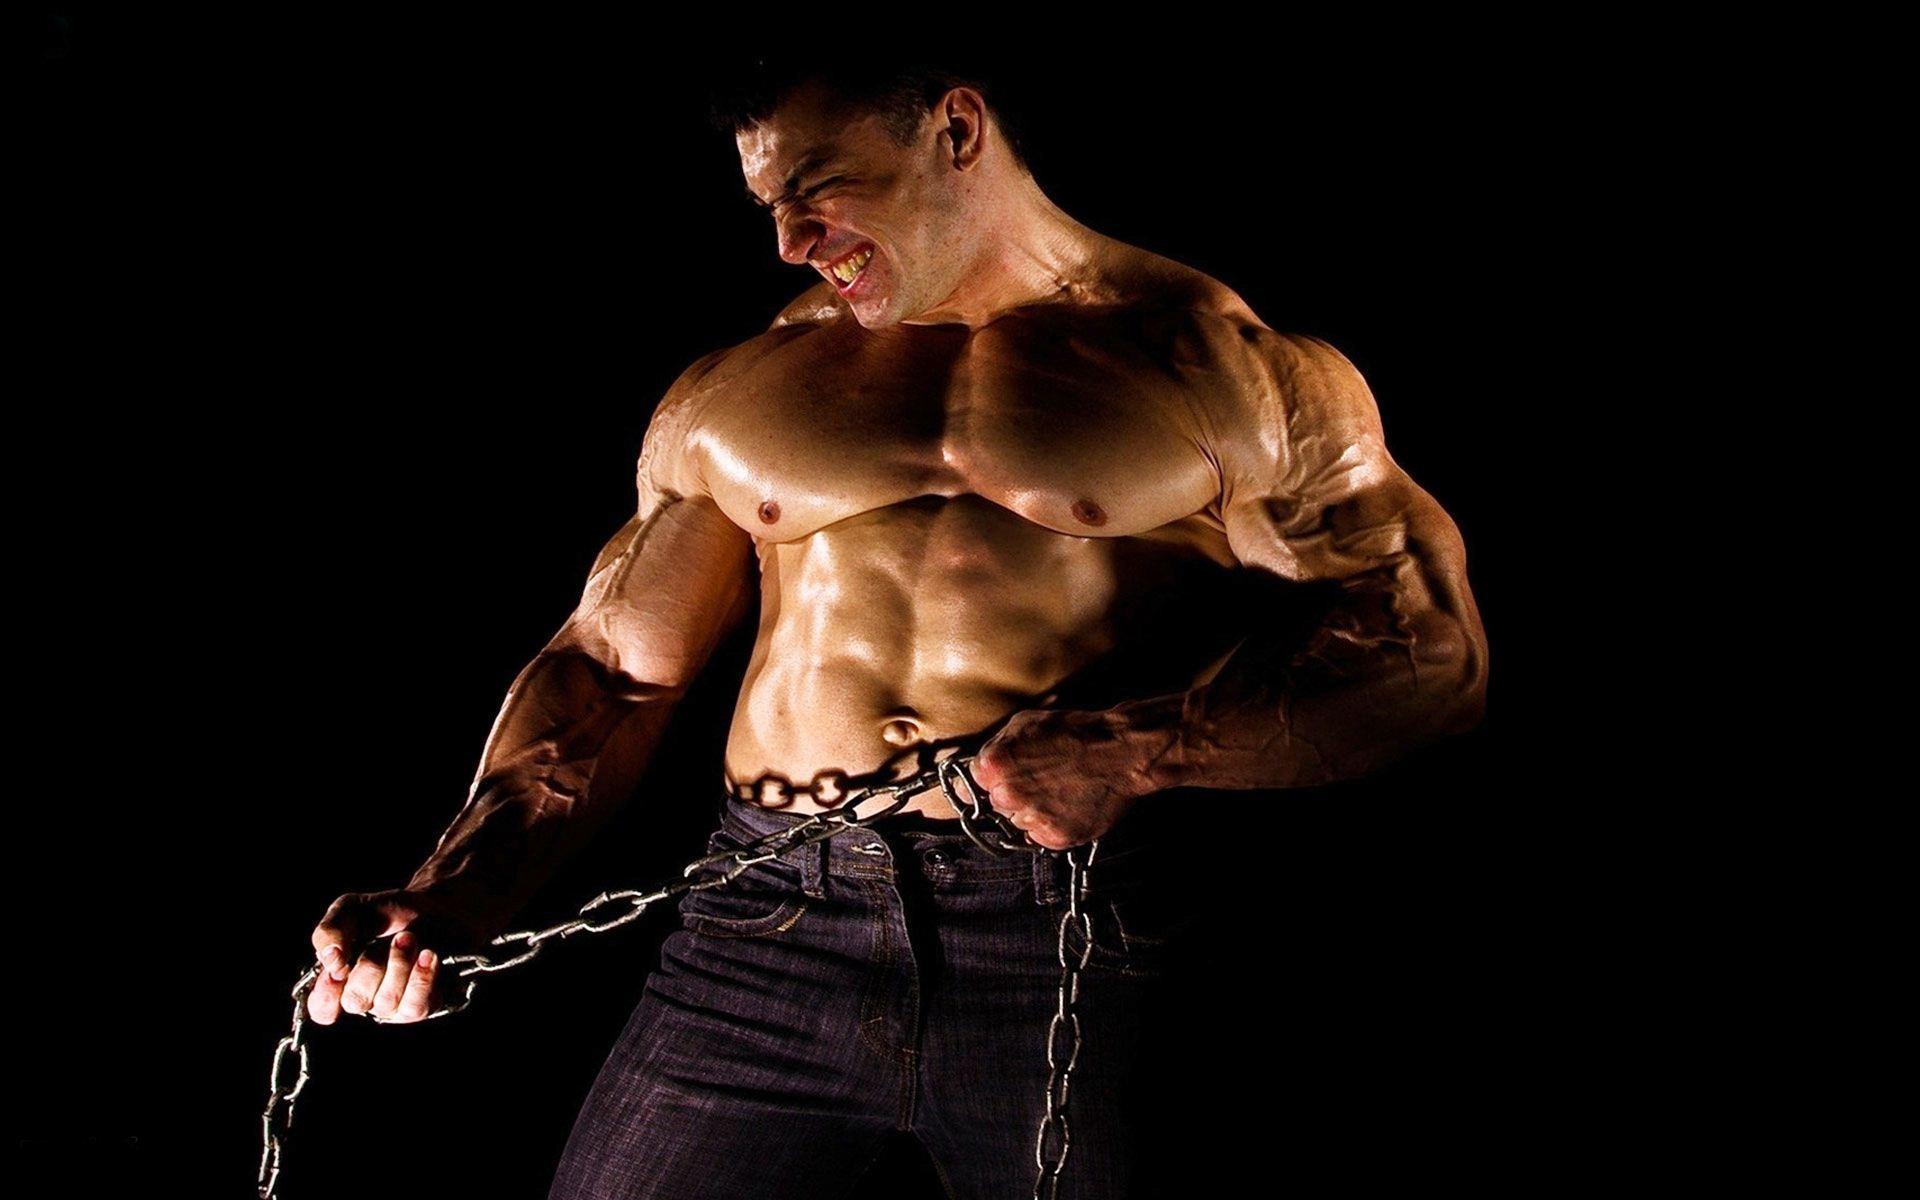 Bodybuilder 1080P Wallpapers - Top Free Bodybuilder 1080P